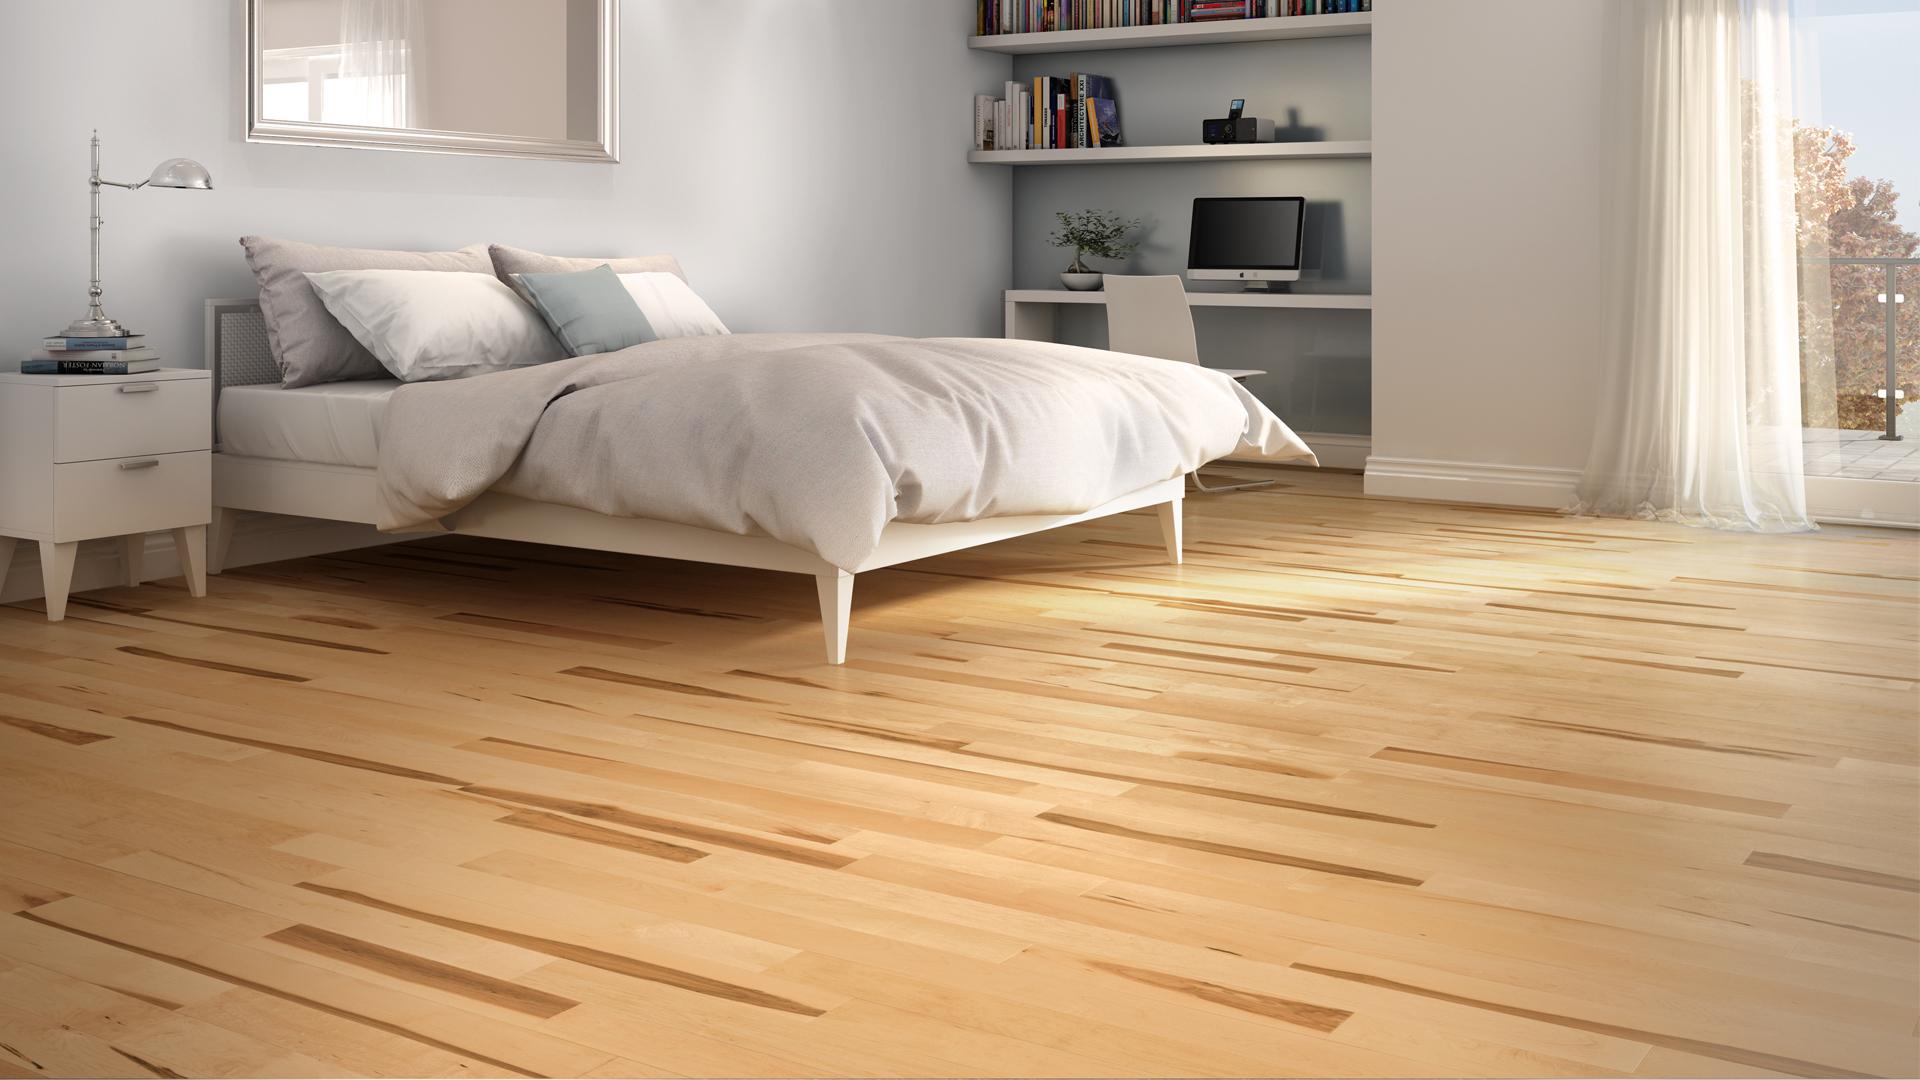 ... Hard Maple Natural | Dubeau Hardwood Floors | Bedroom Decor